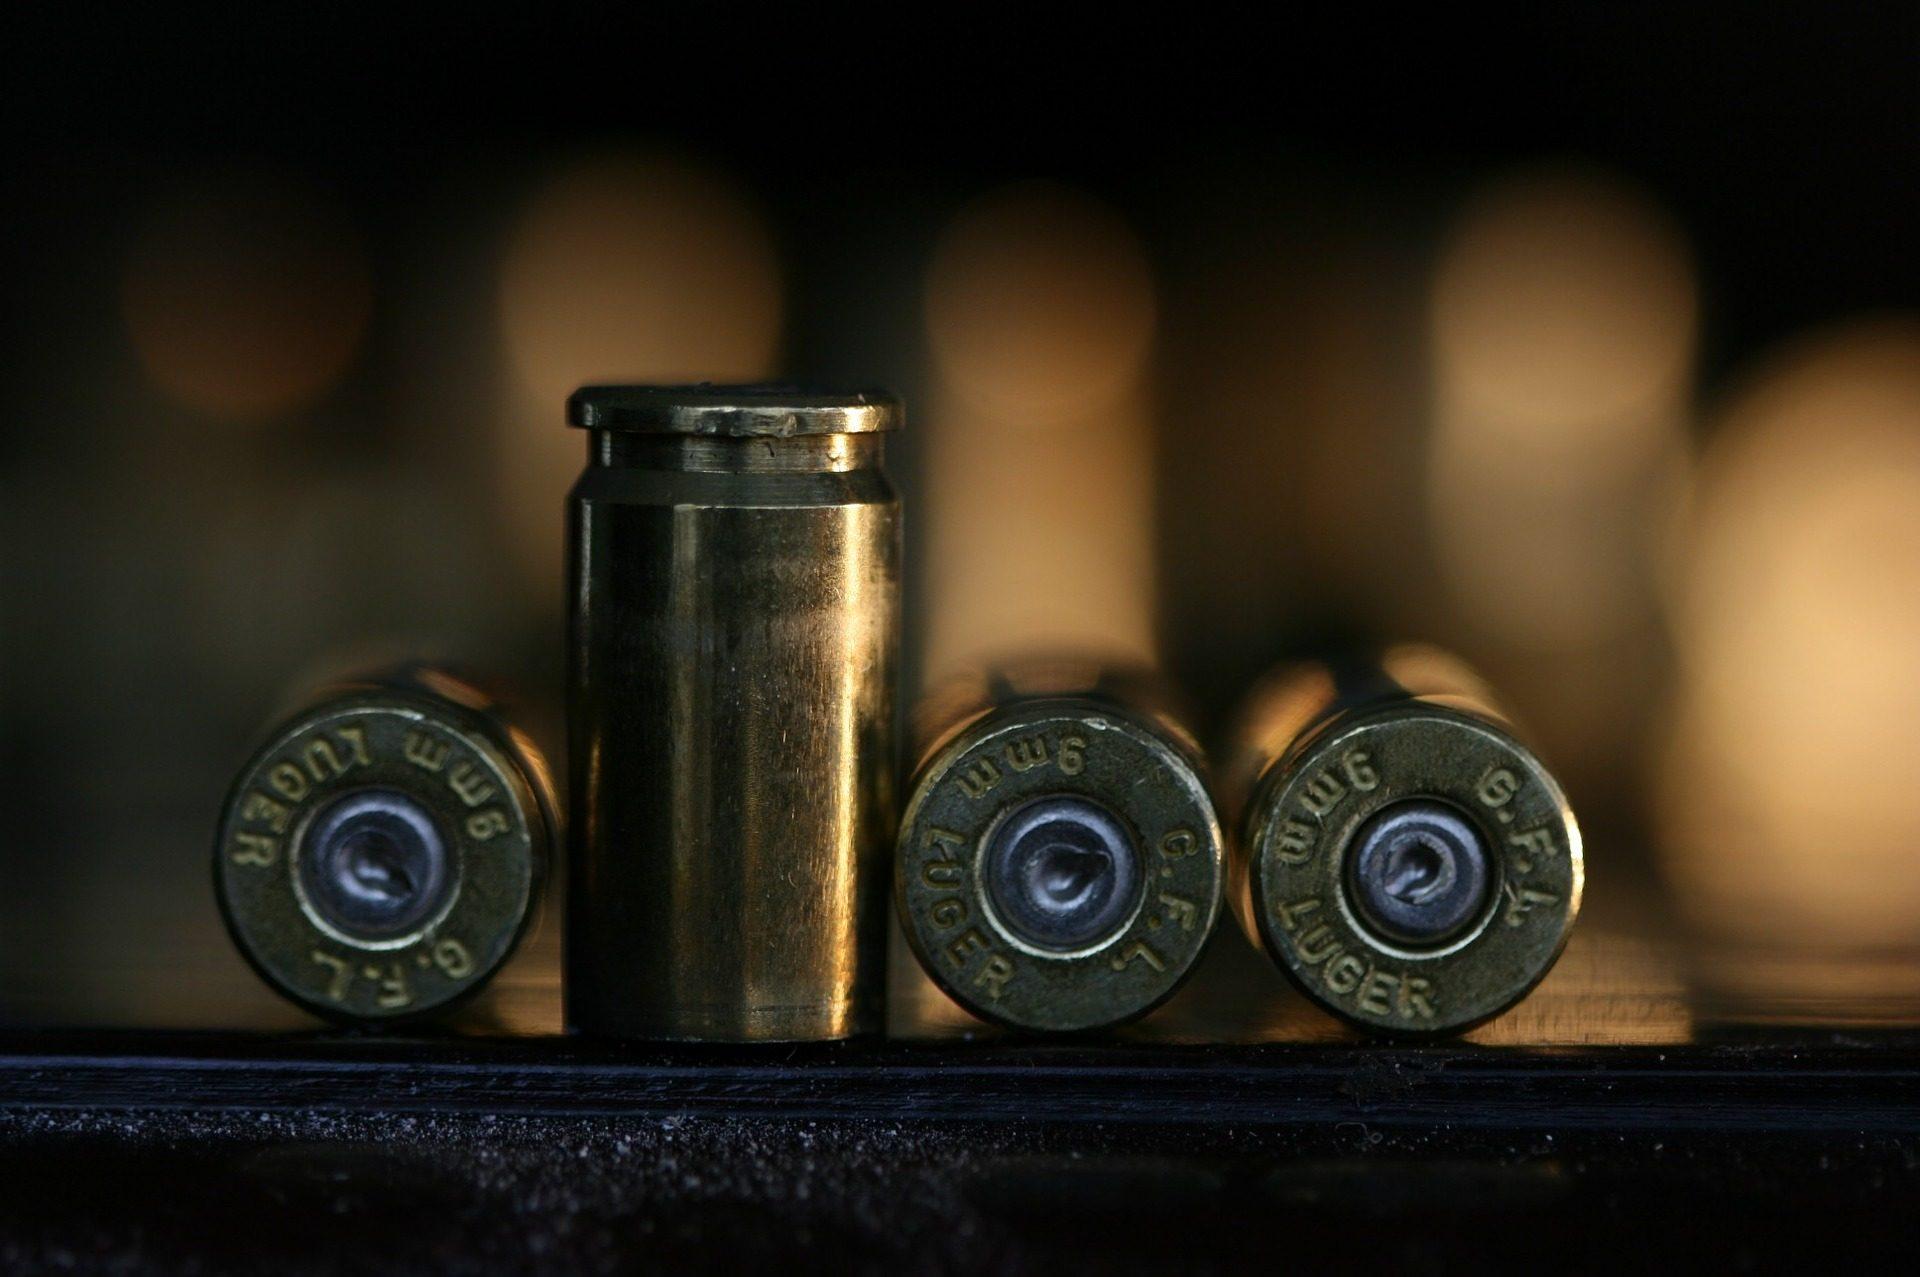 Kugeln, Kappen, Munition, Metall, Caliber - Wallpaper HD - Prof.-falken.com